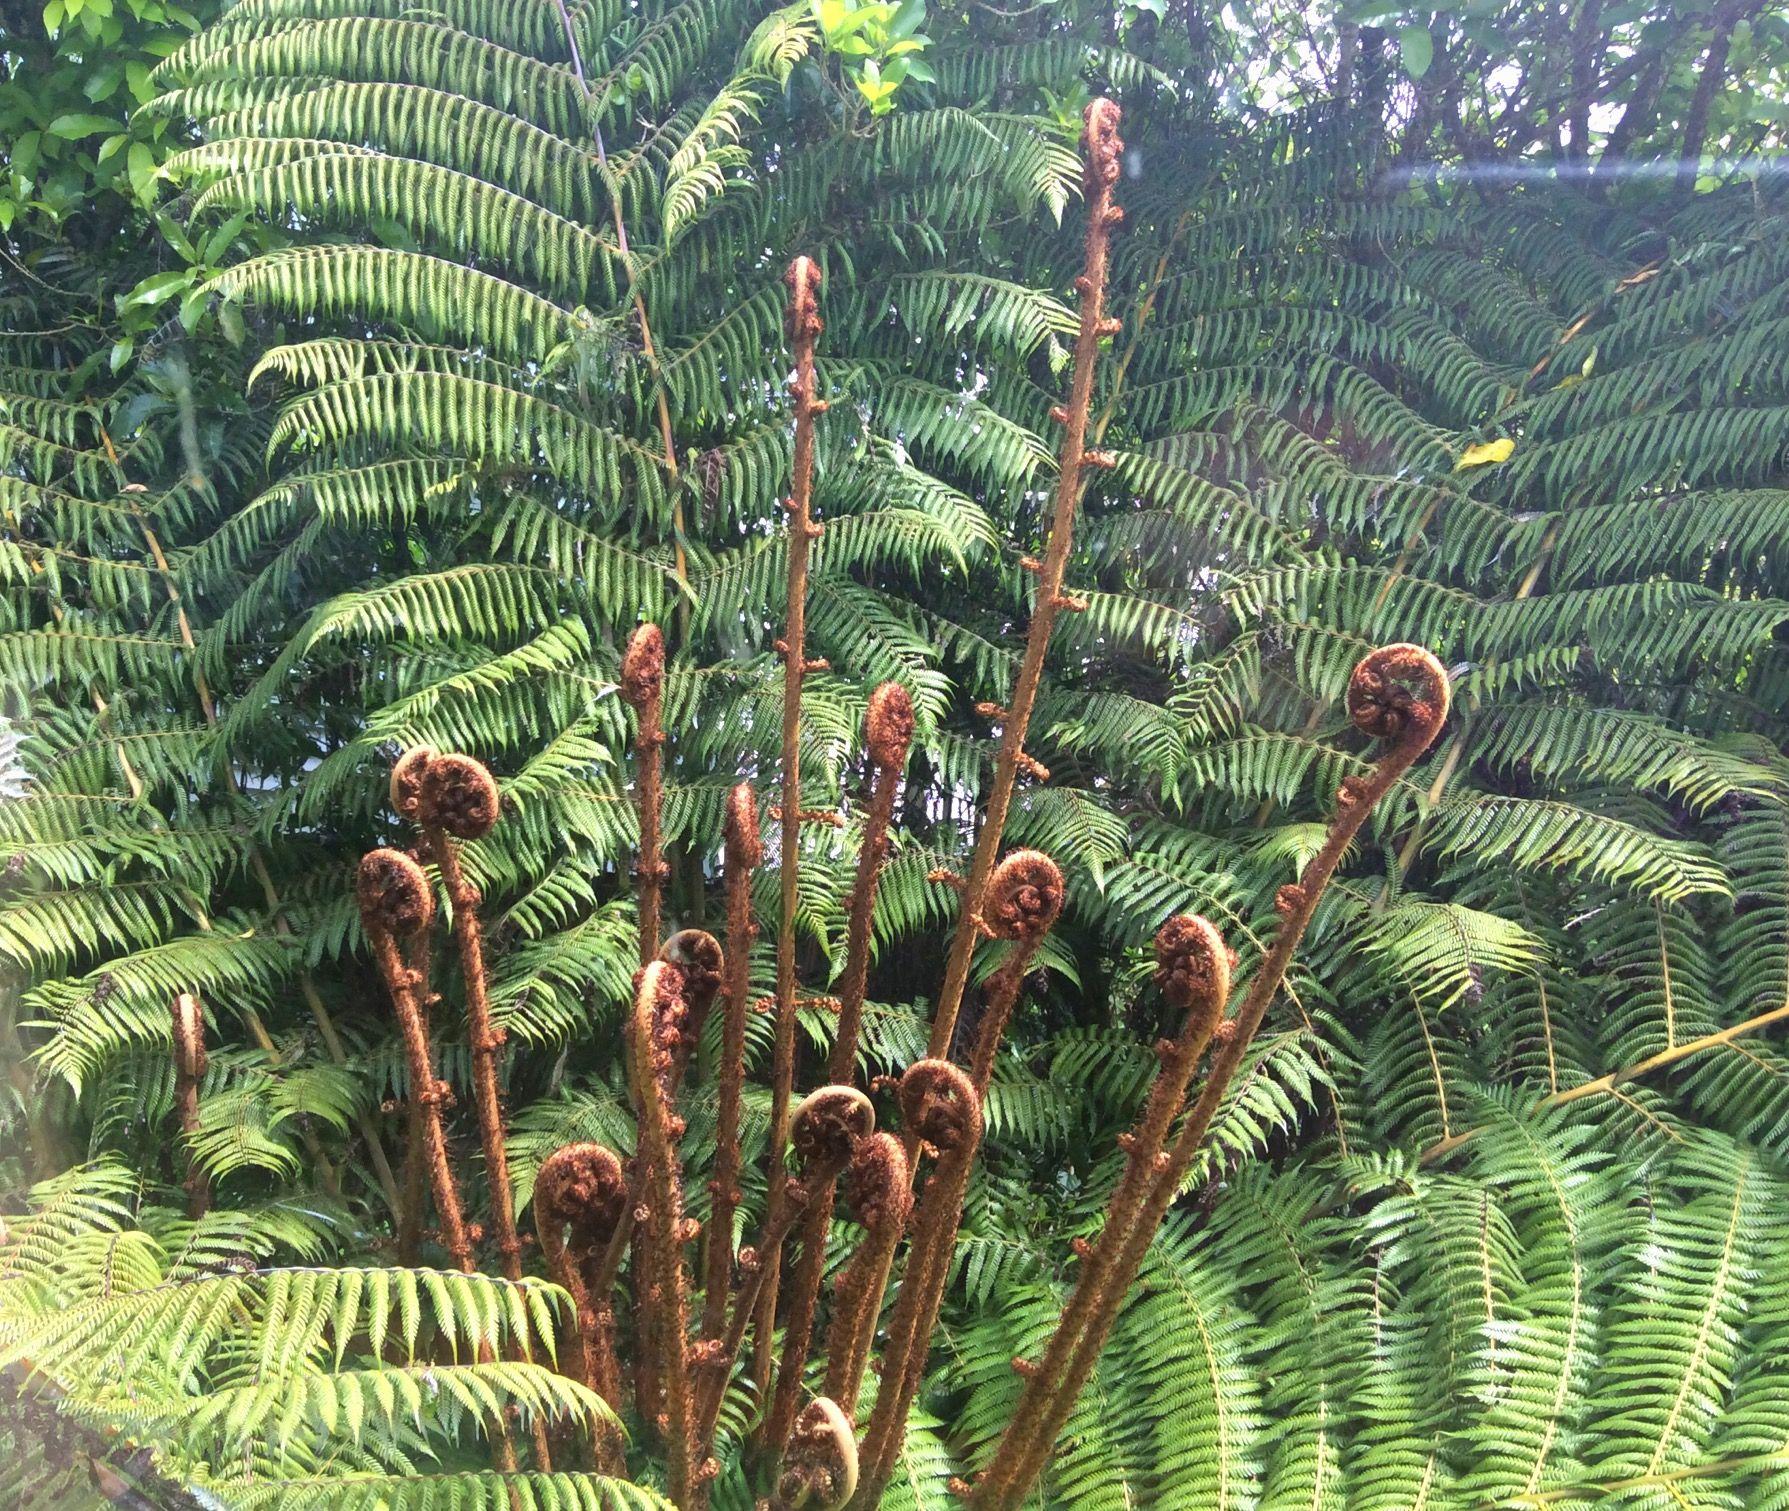 Tree fern outside my window